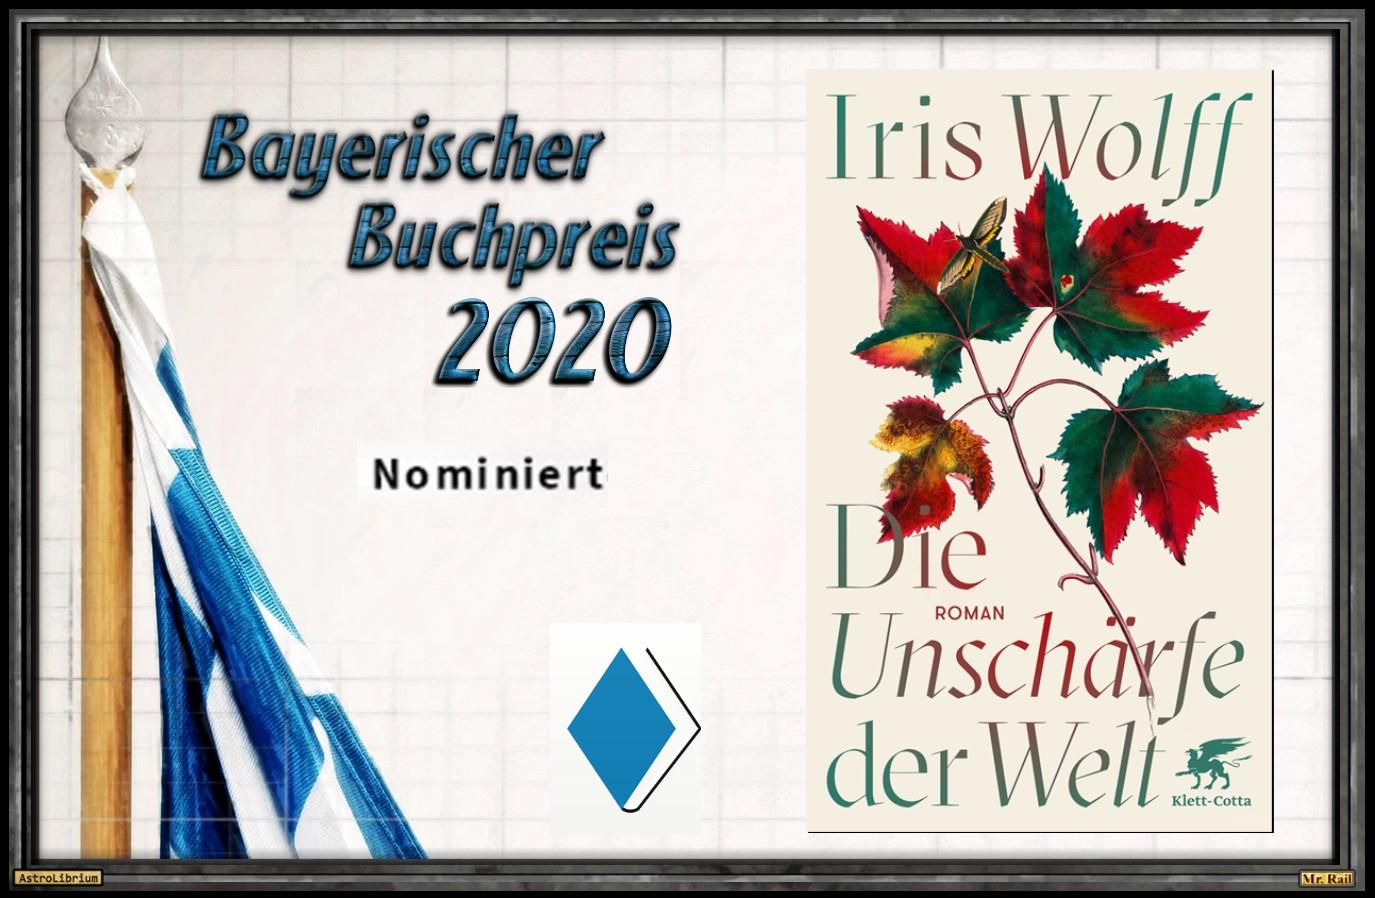 Die Unschärfe der Welt von Iris Wolff - AstroLibium